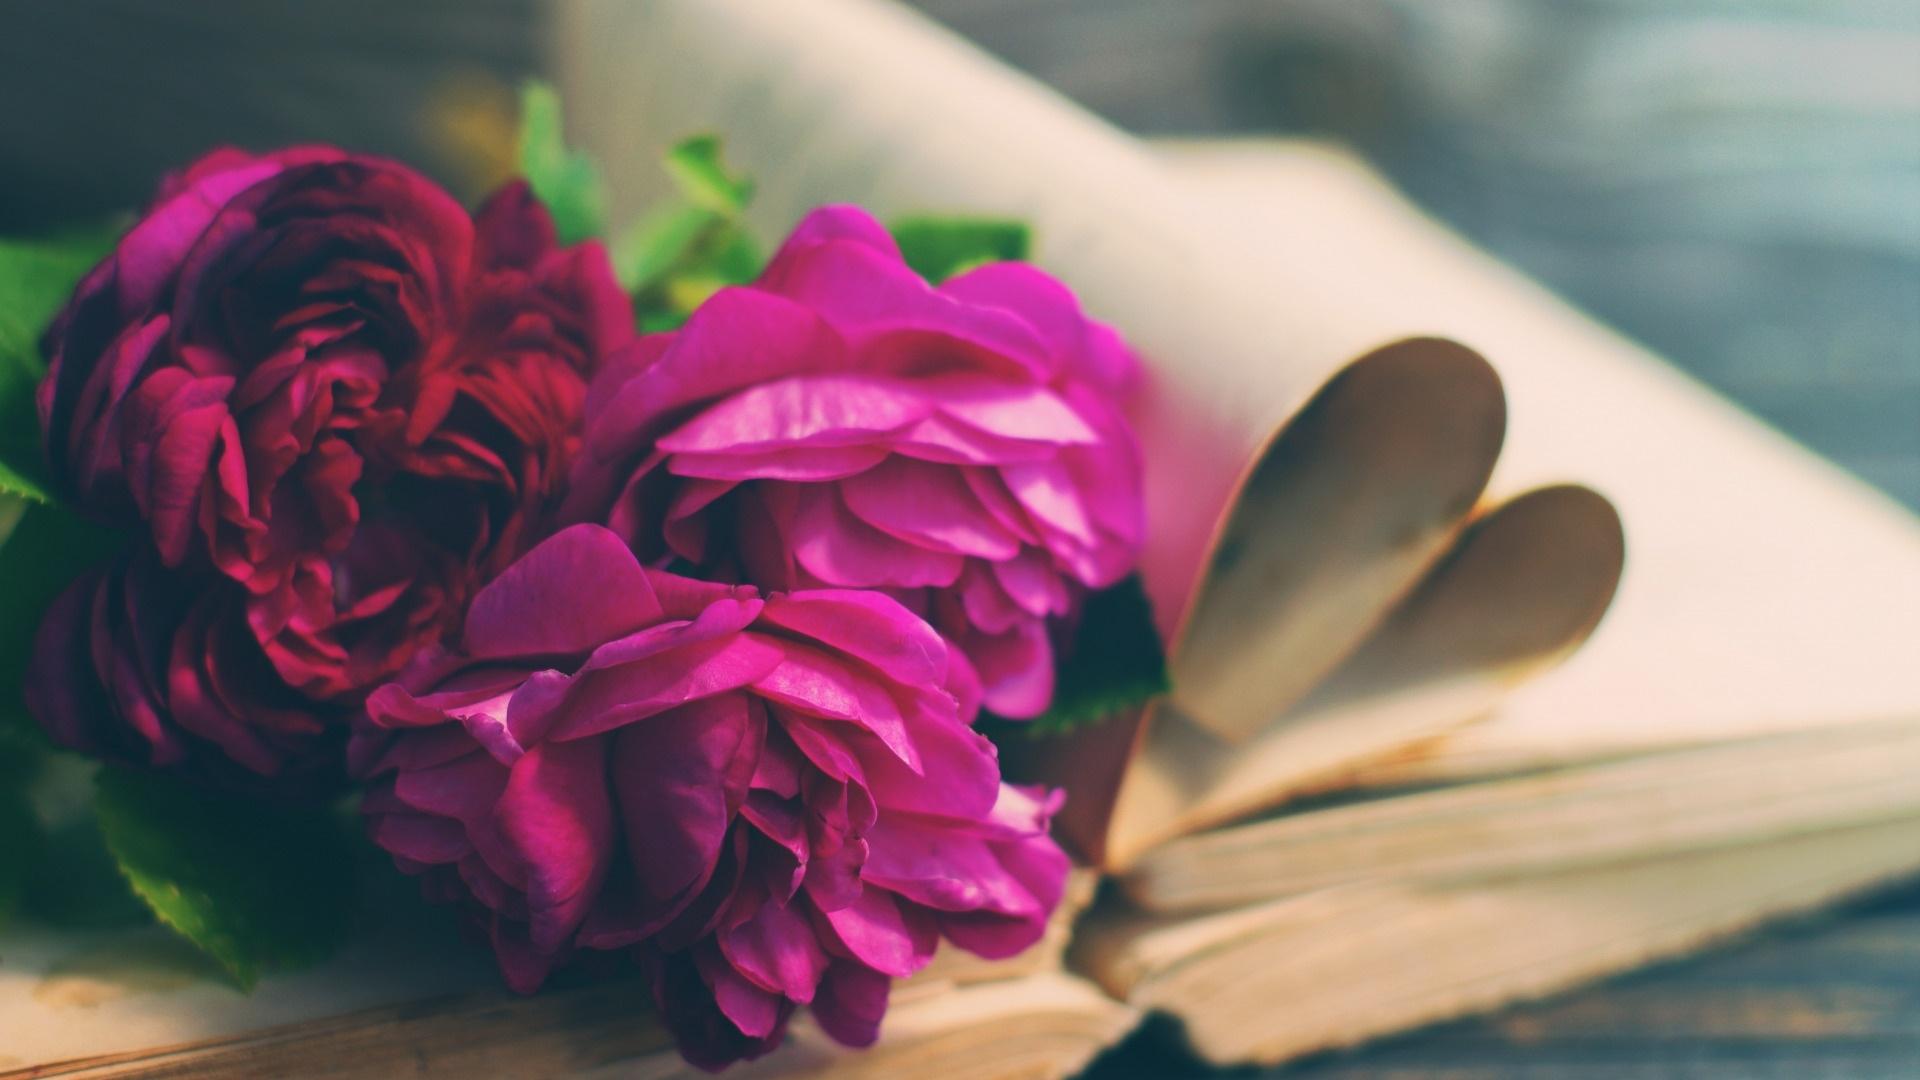 Book And Flower desktop wallpaper hd